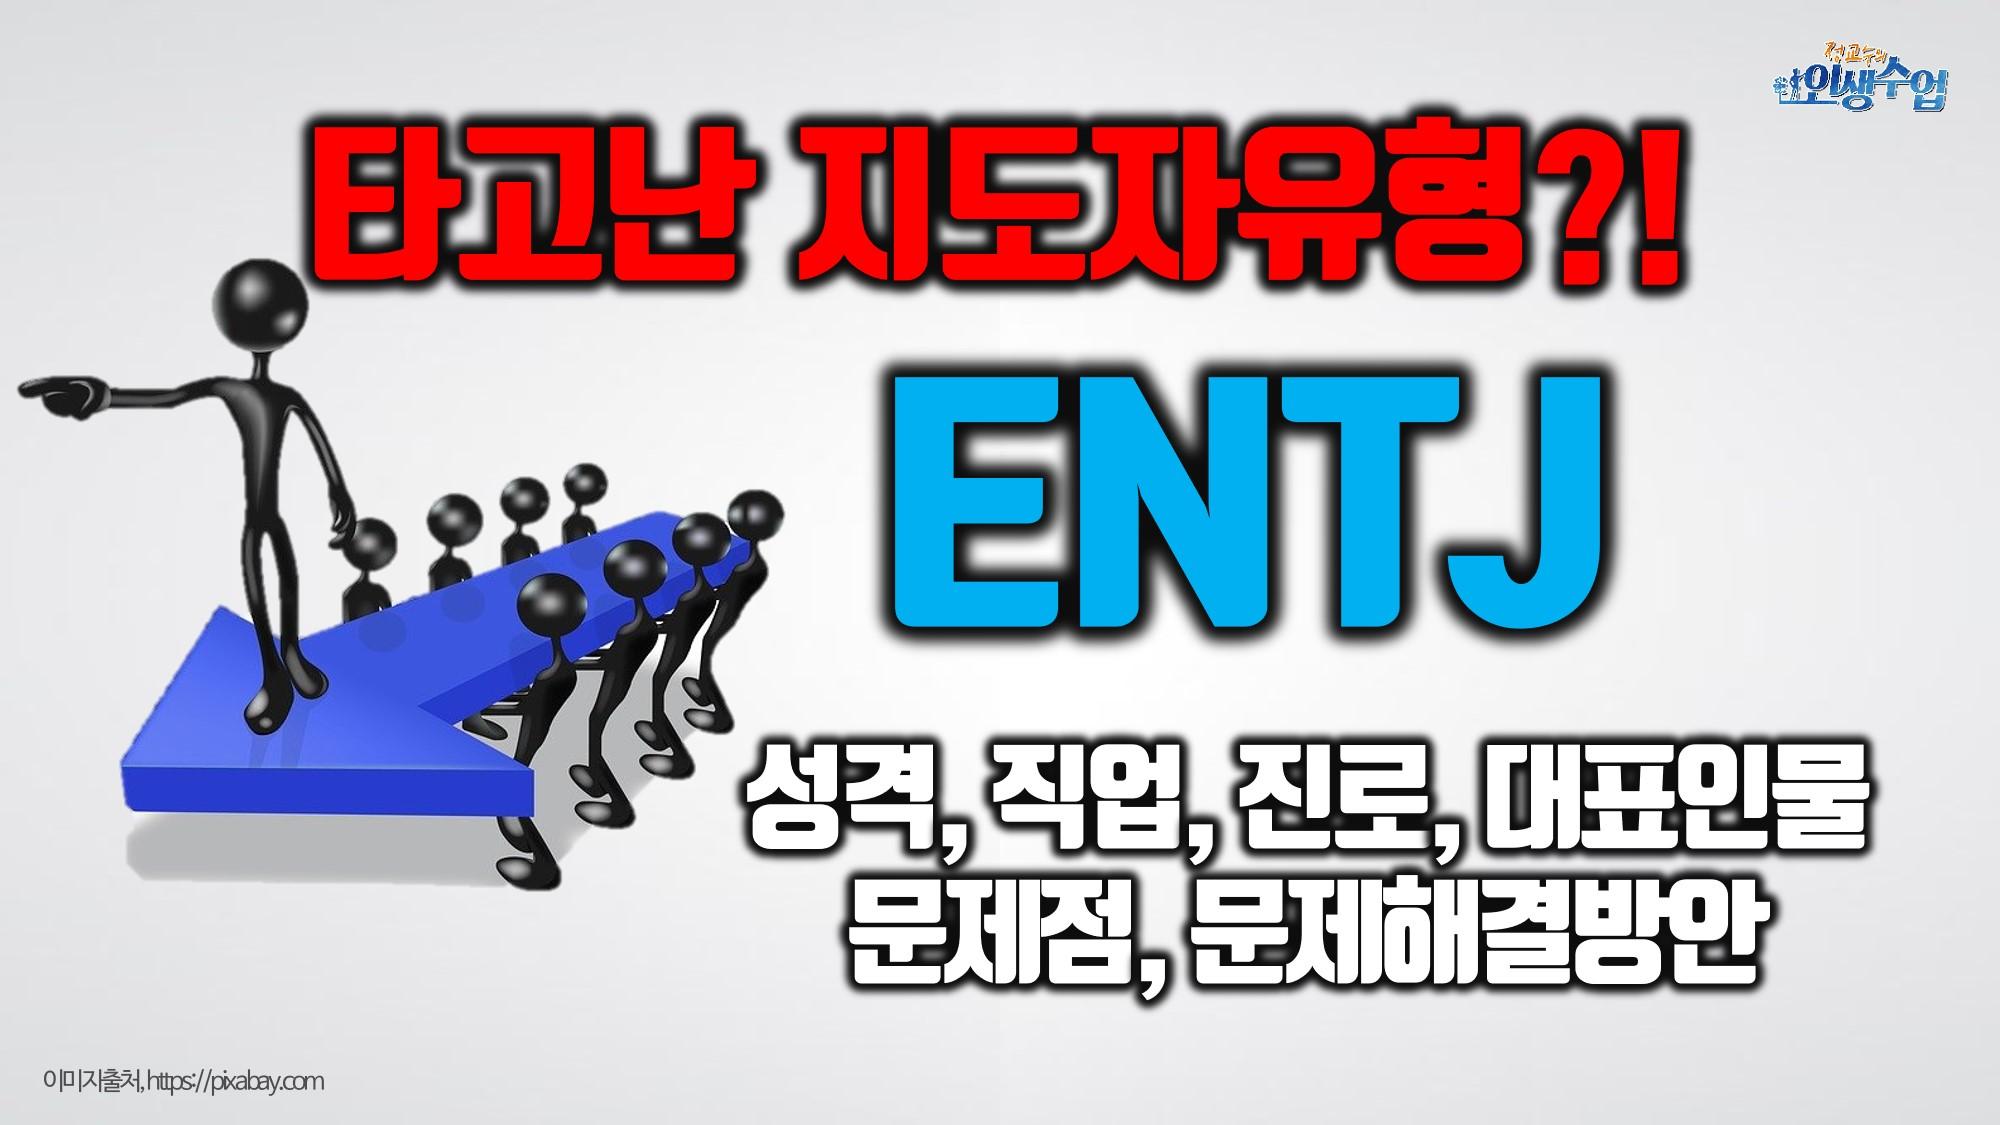 대담한 지도자형 ENTJ유형의 성격과 직업진로, 대표인물, 문제점과 문제해결방안(MBTI유형설명)